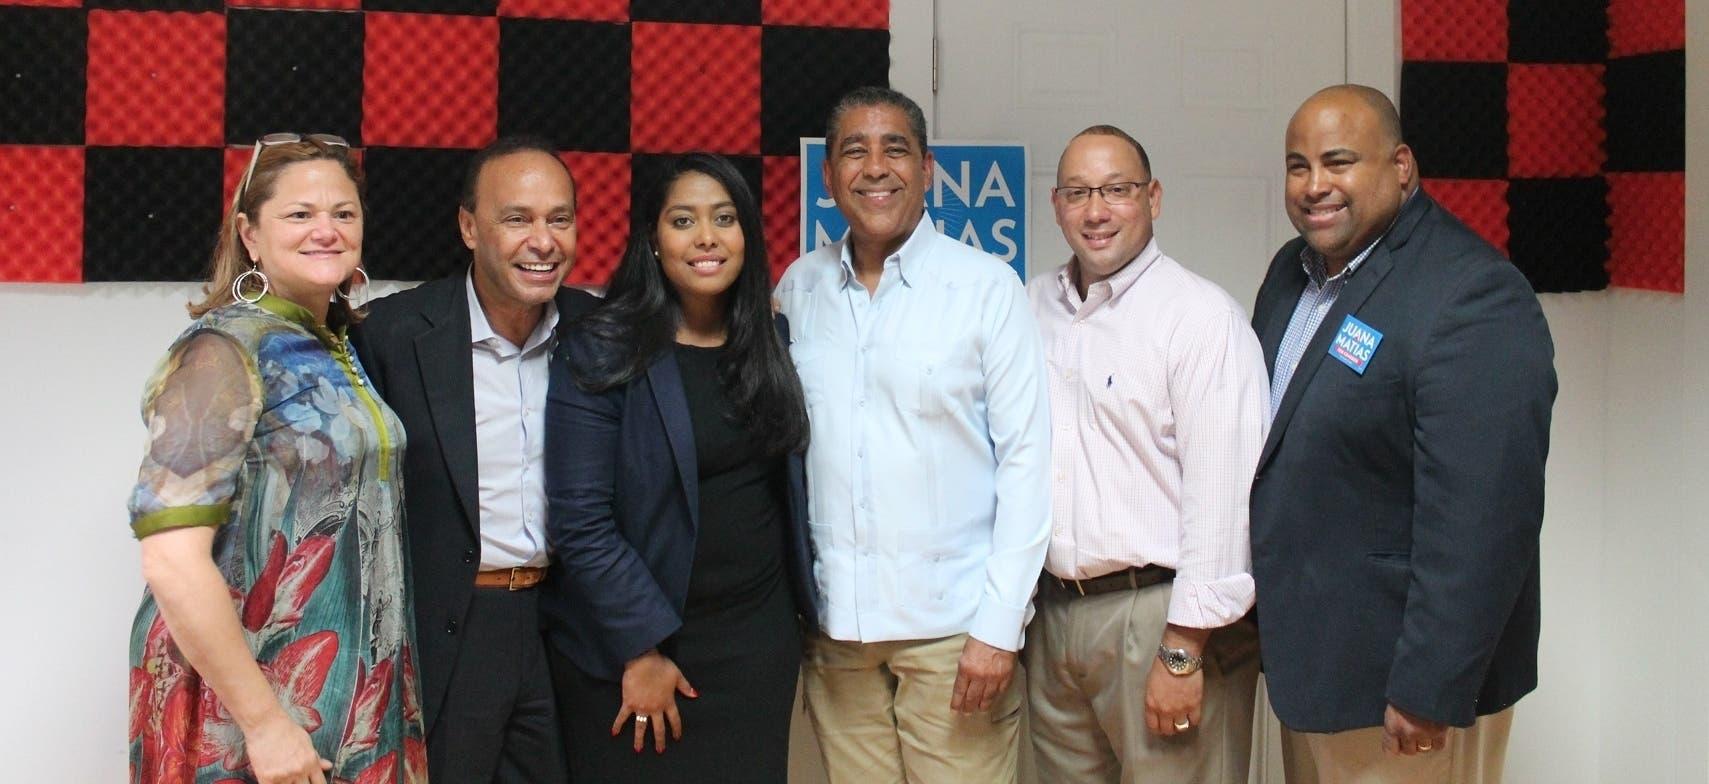 Congresistas apoyan abogada de origen dominicano aspira a curul en Congreso EE.UU.